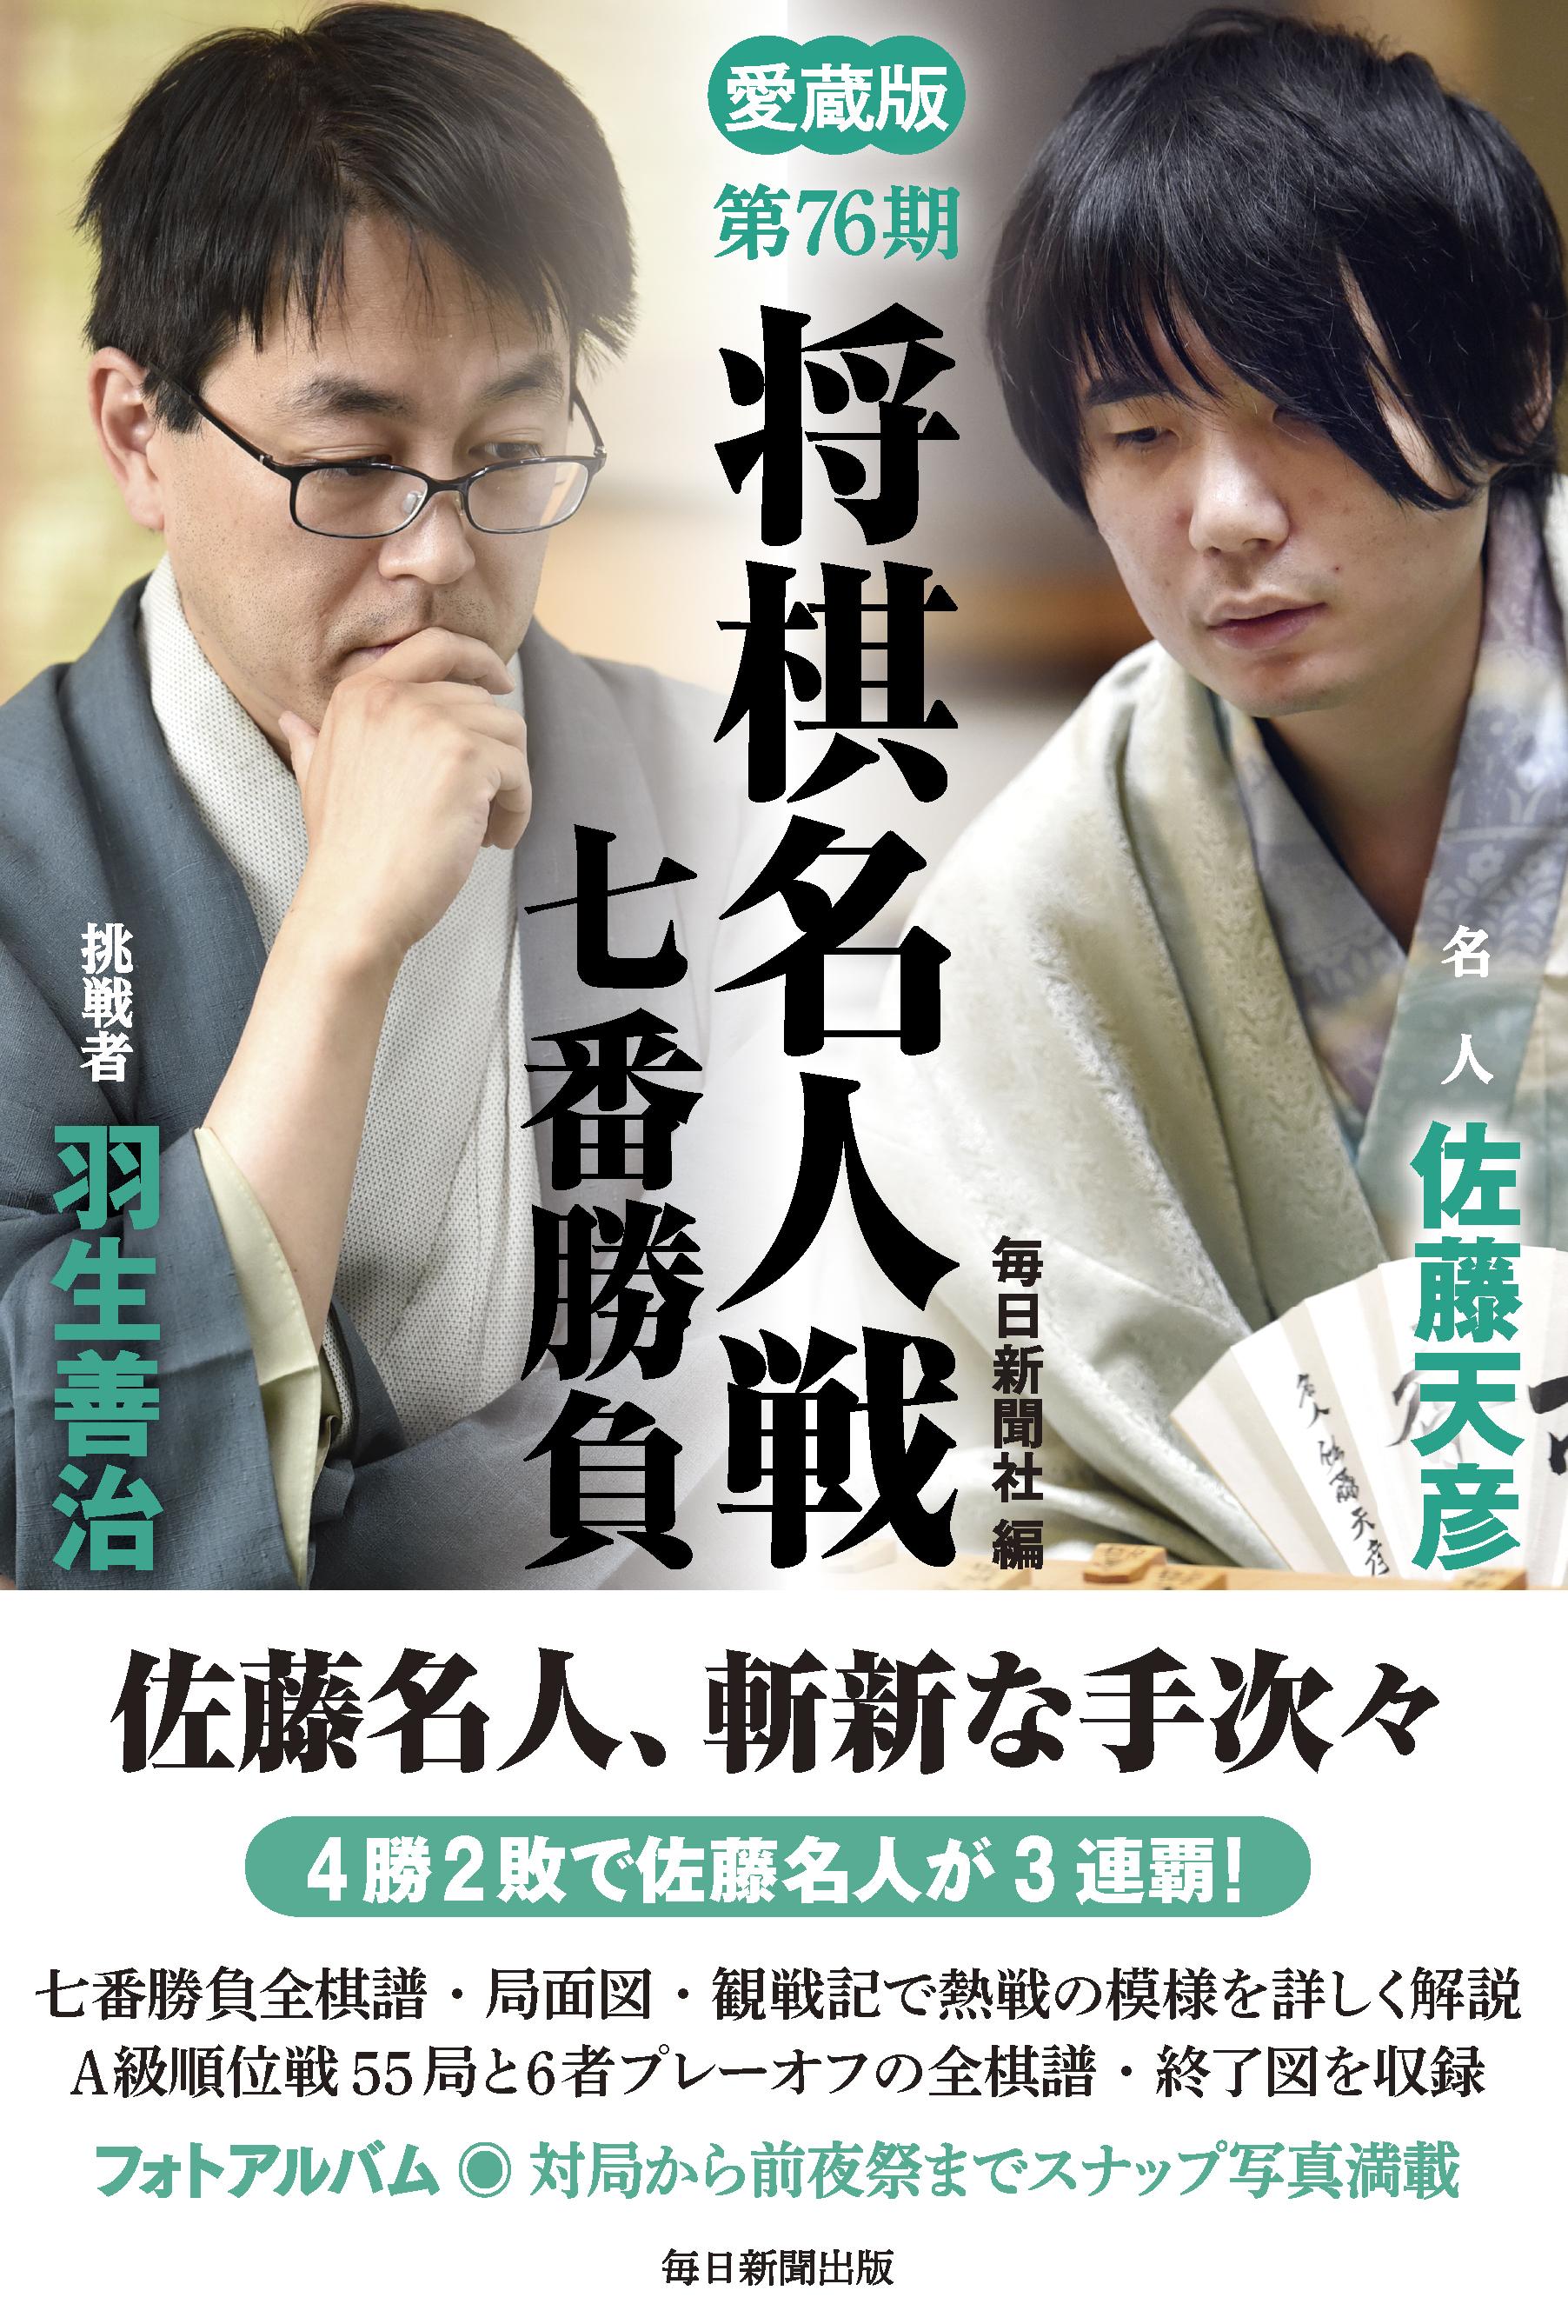 書影:愛蔵版 第76期 将棋名人戦七番勝負